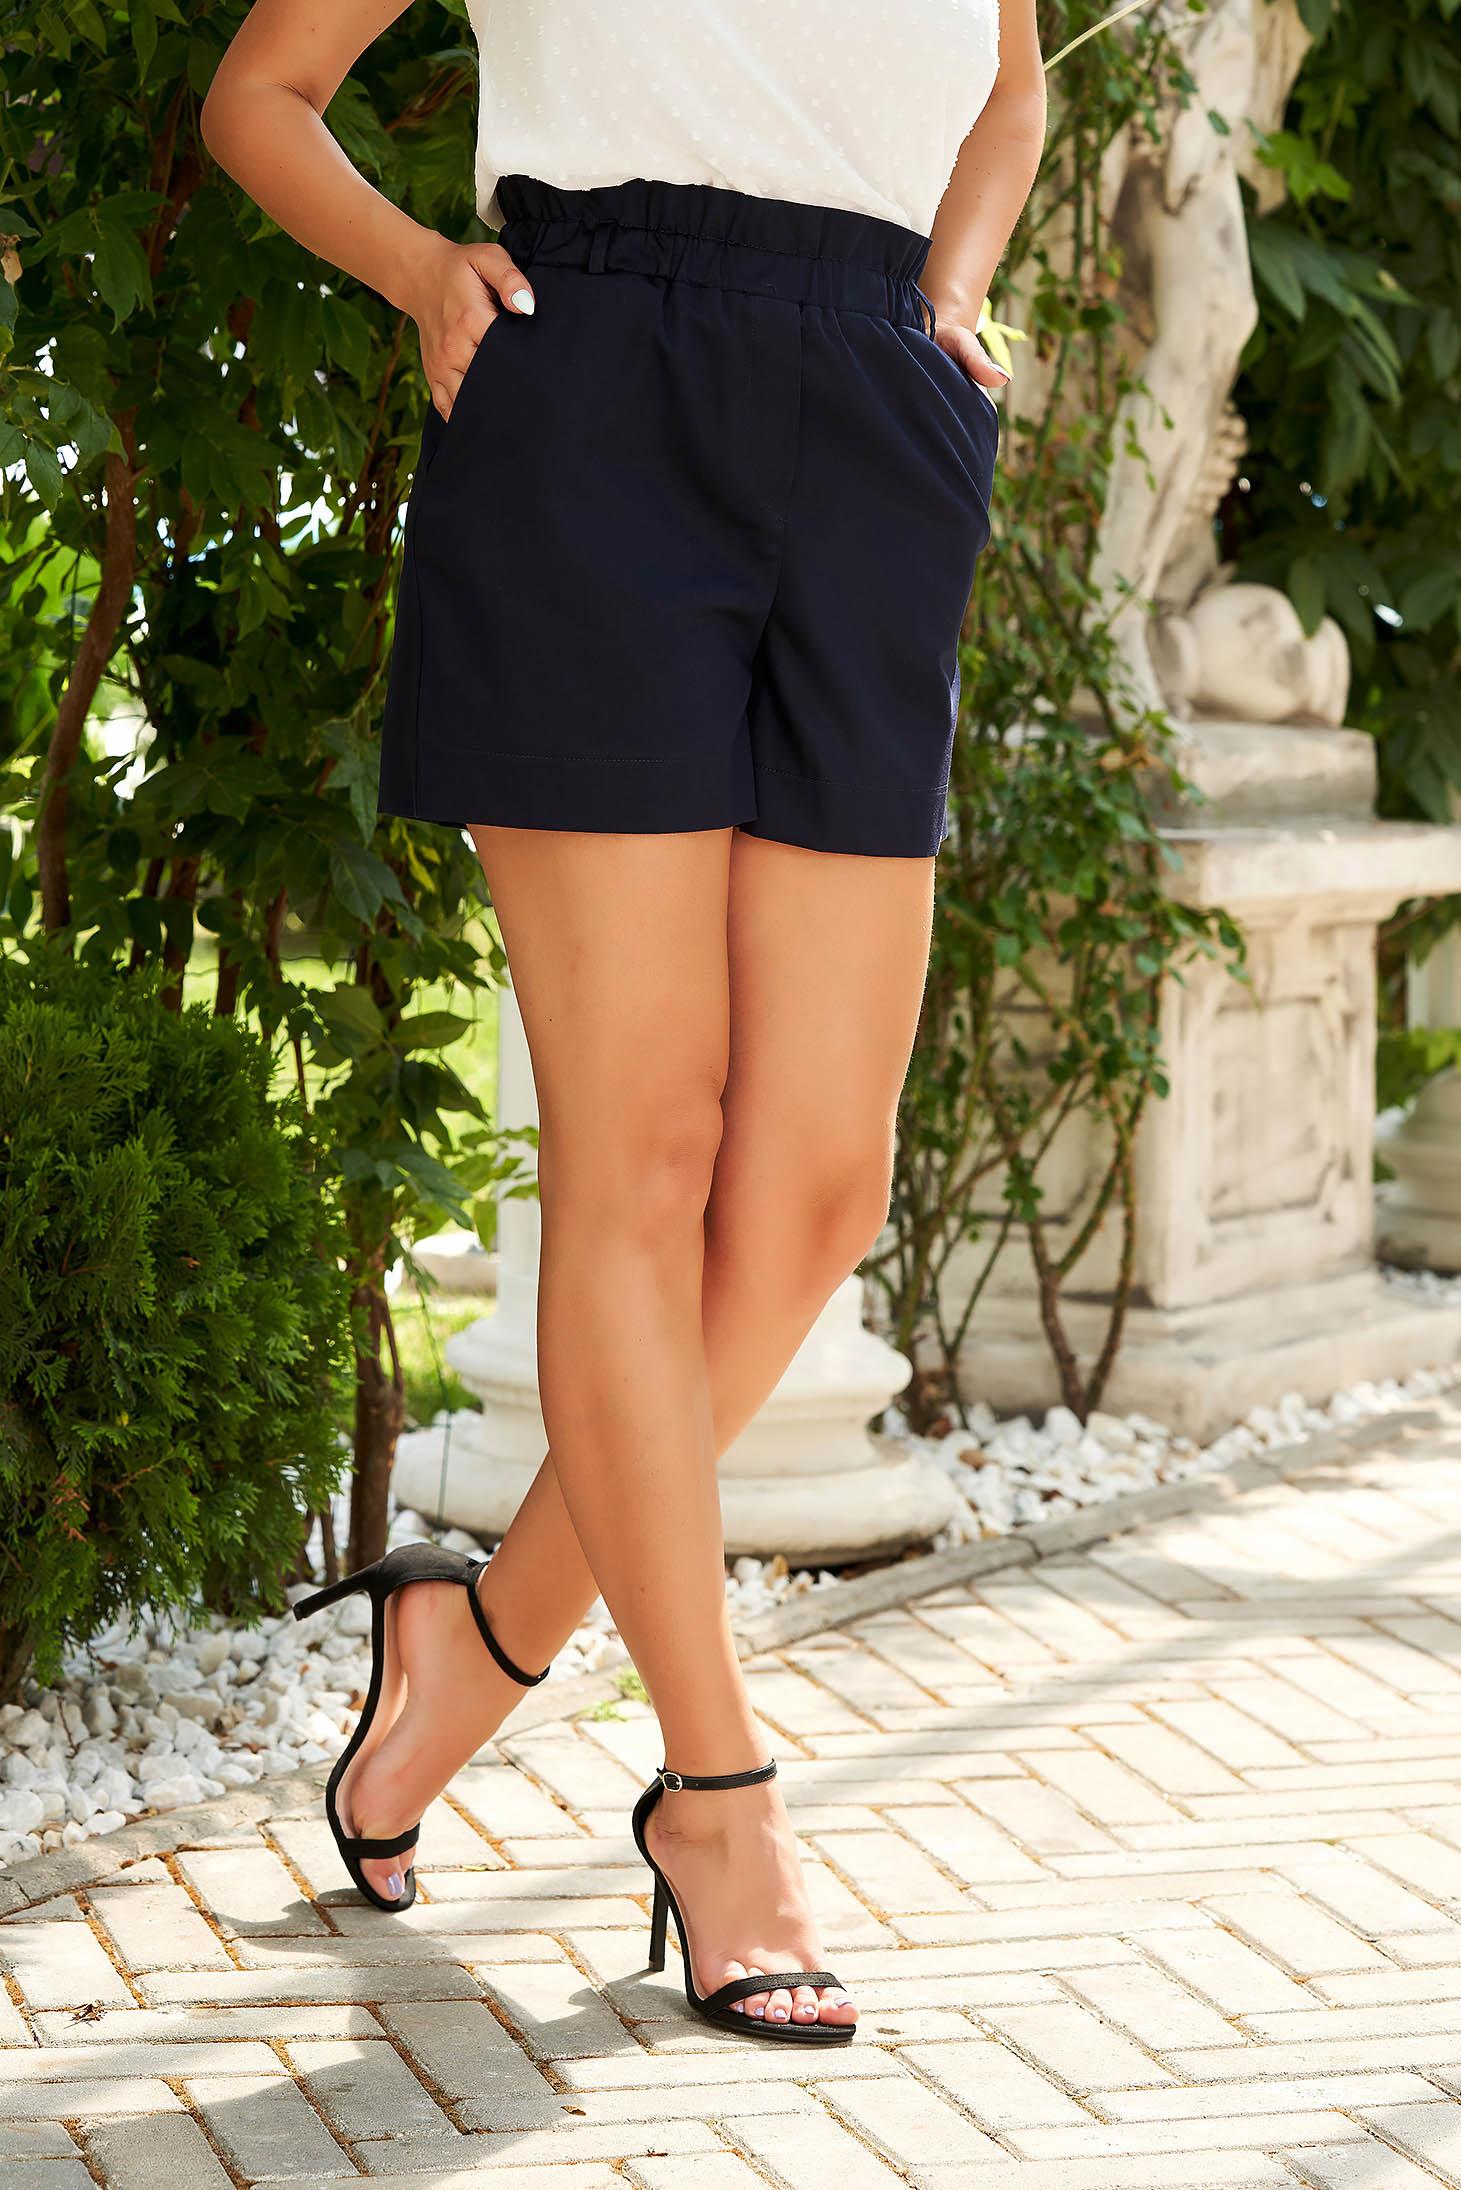 Pantalon scurt albastru-inchis cu talie inalta din material subtire